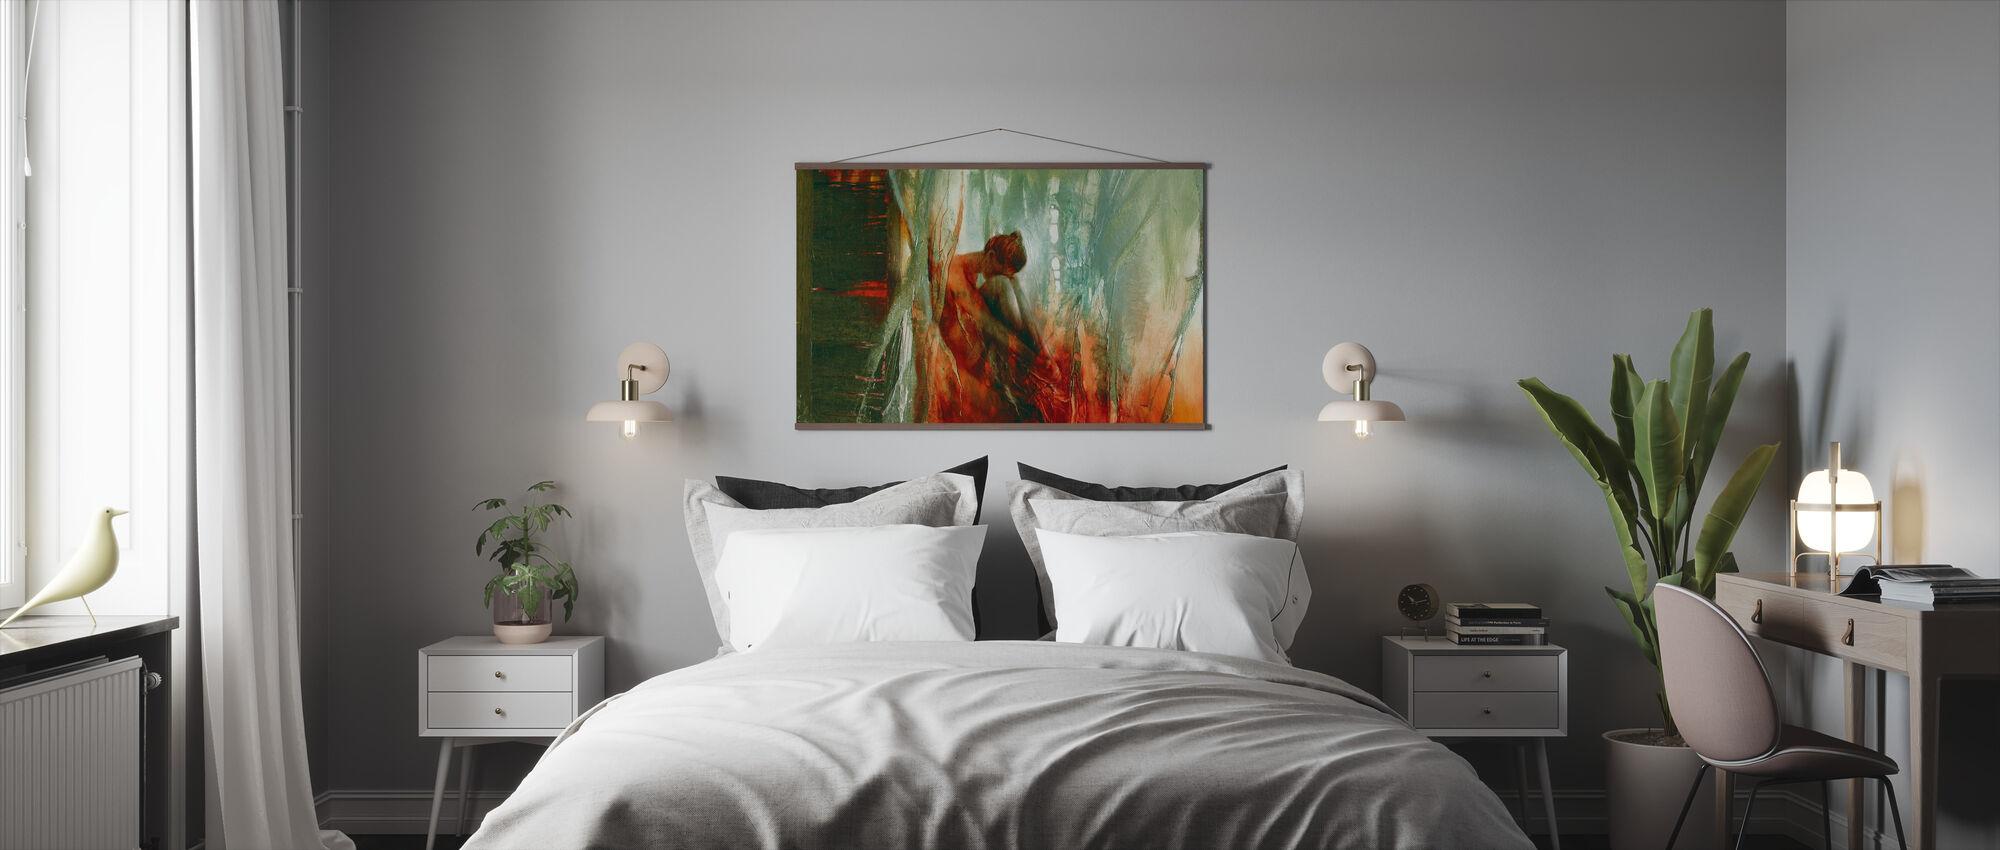 Vera - Poster - Bedroom